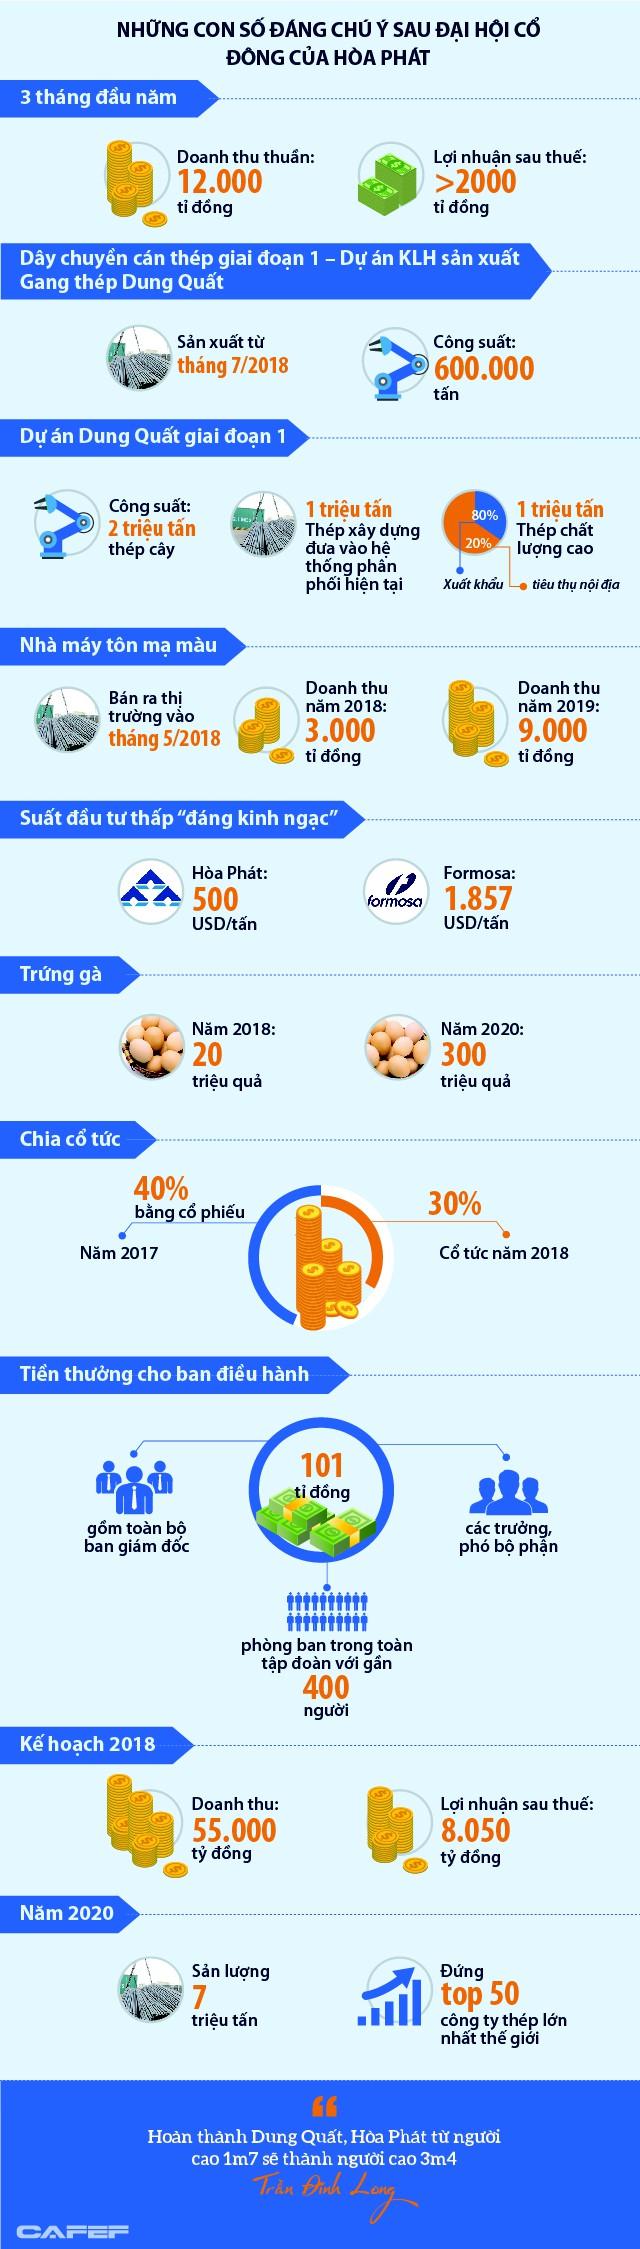 Những con số đáng chú ý sau Đại hội cổ đông  2018 của Hòa Phát - Ảnh 1.